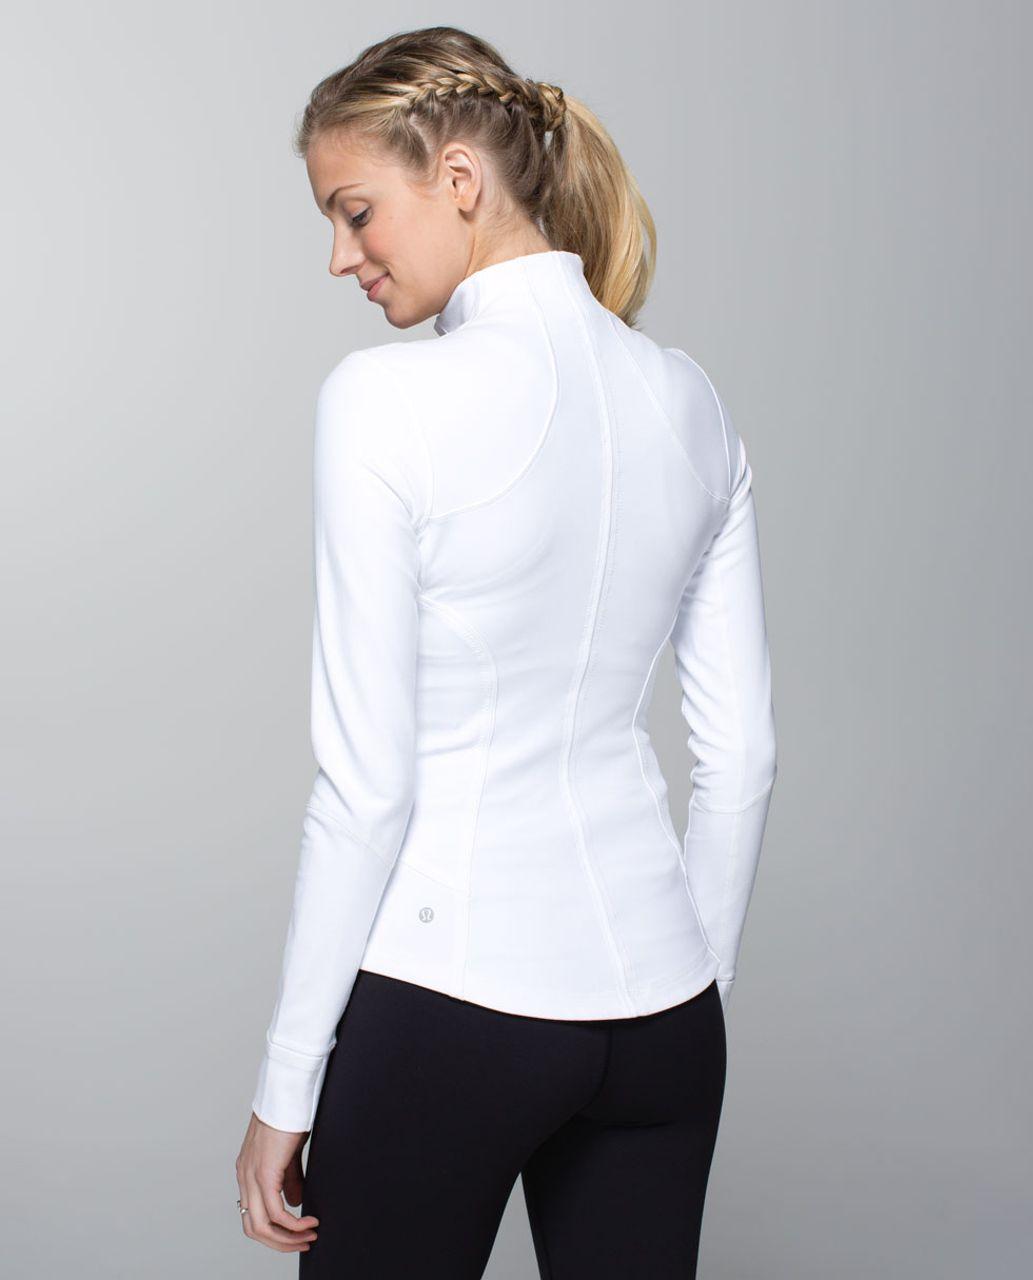 Lululemon Forme Jacket *Cuffins - White